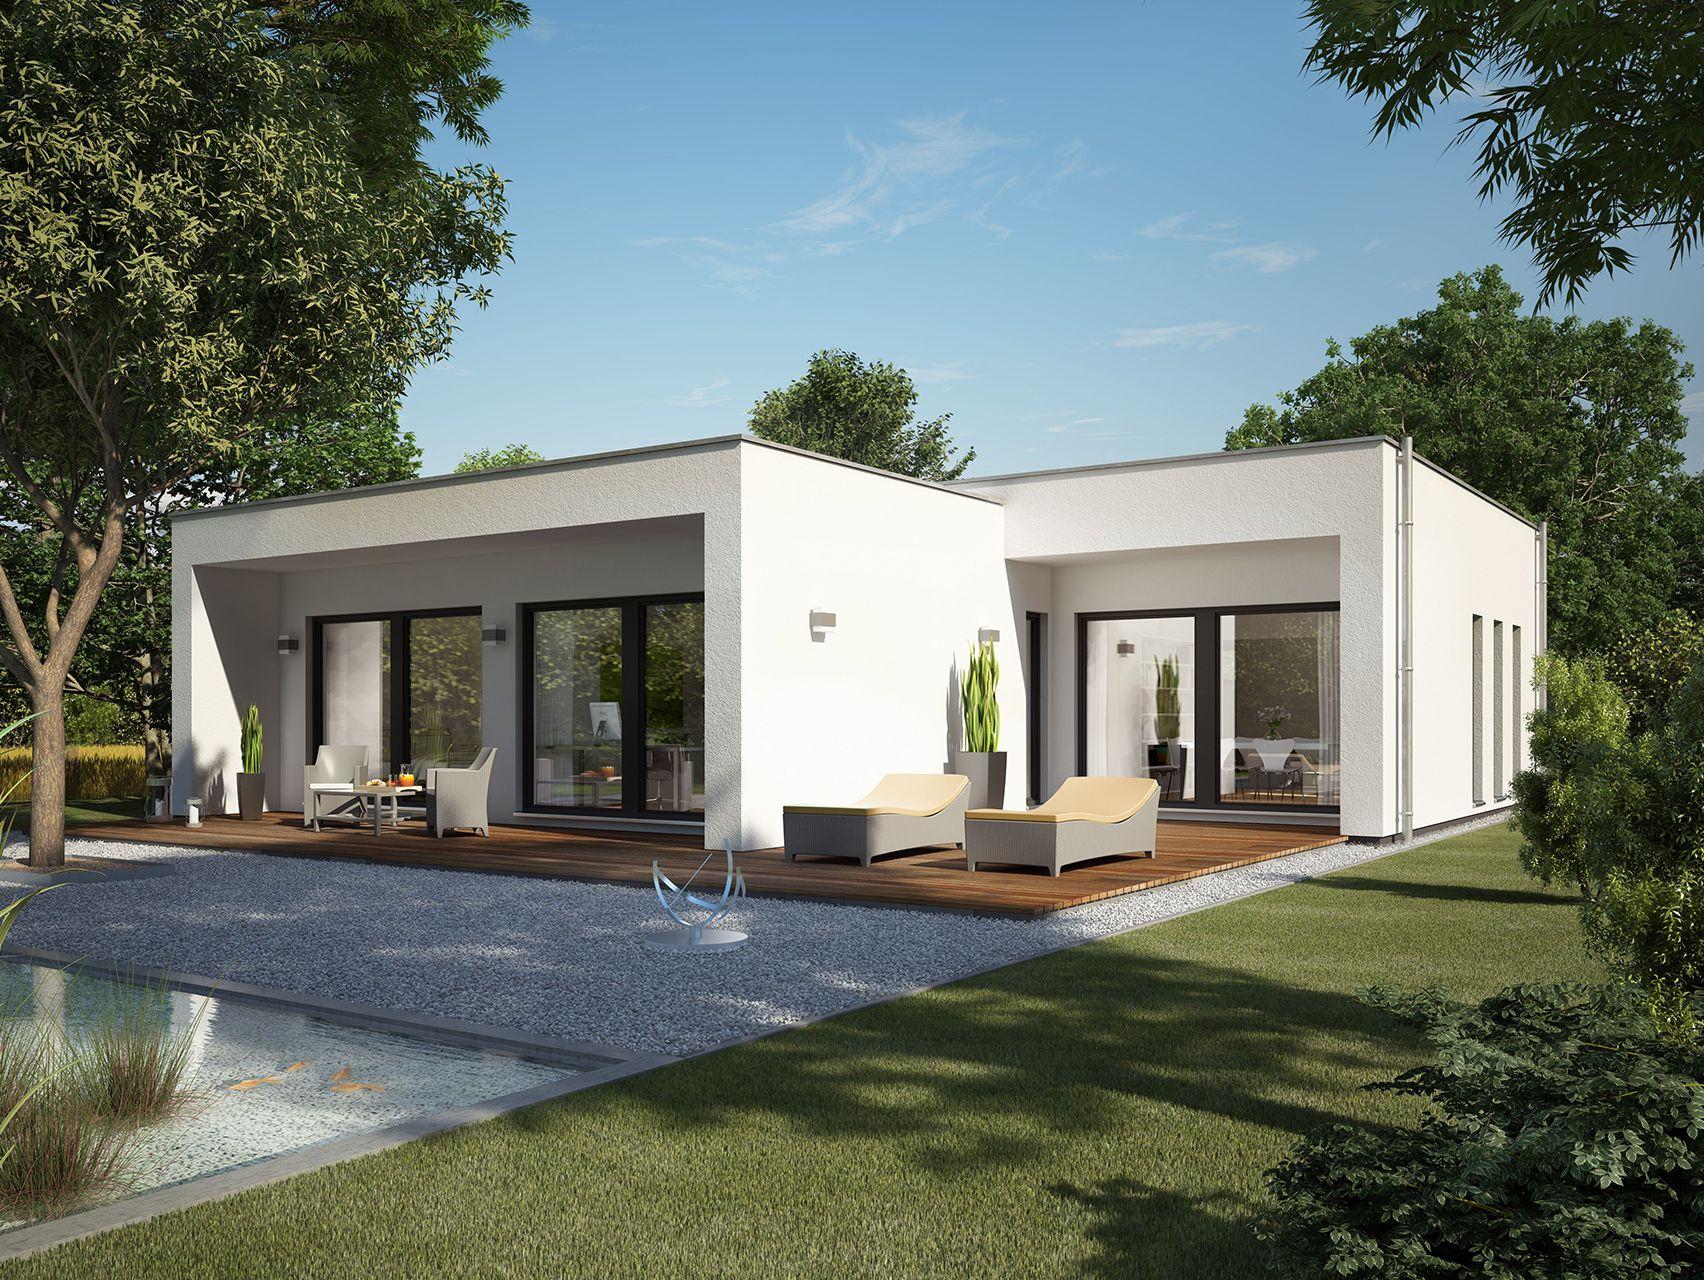 Modernes holzhaus bungalow  Schöne häuser | Haus | Pinterest | Schöne häuser, Häuschen und Schöner